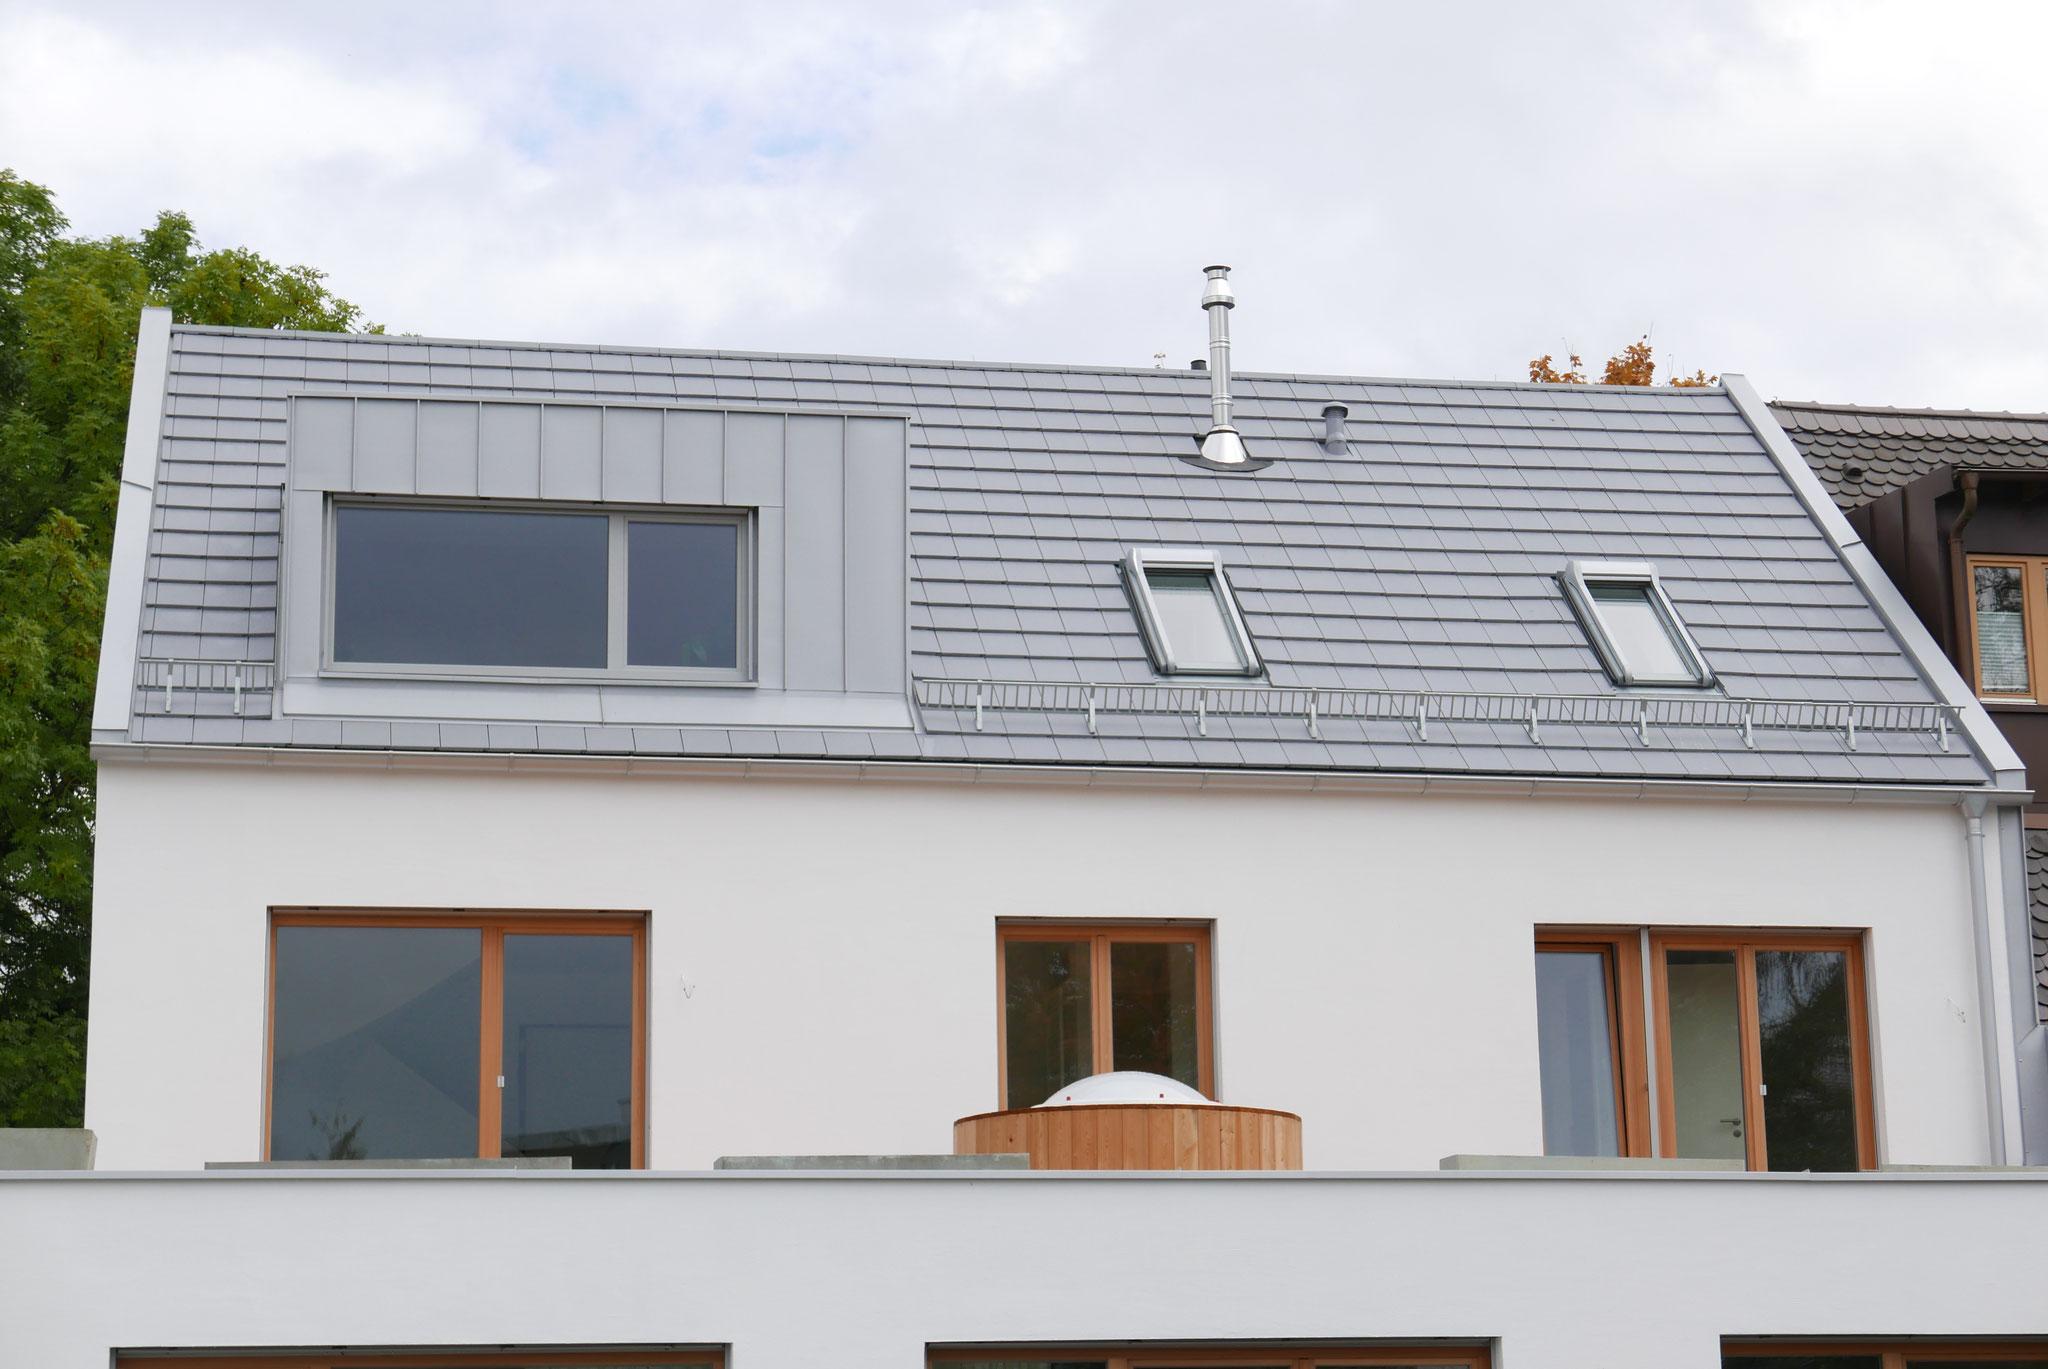 Roto Dachfenster in passender Aussenfarbe